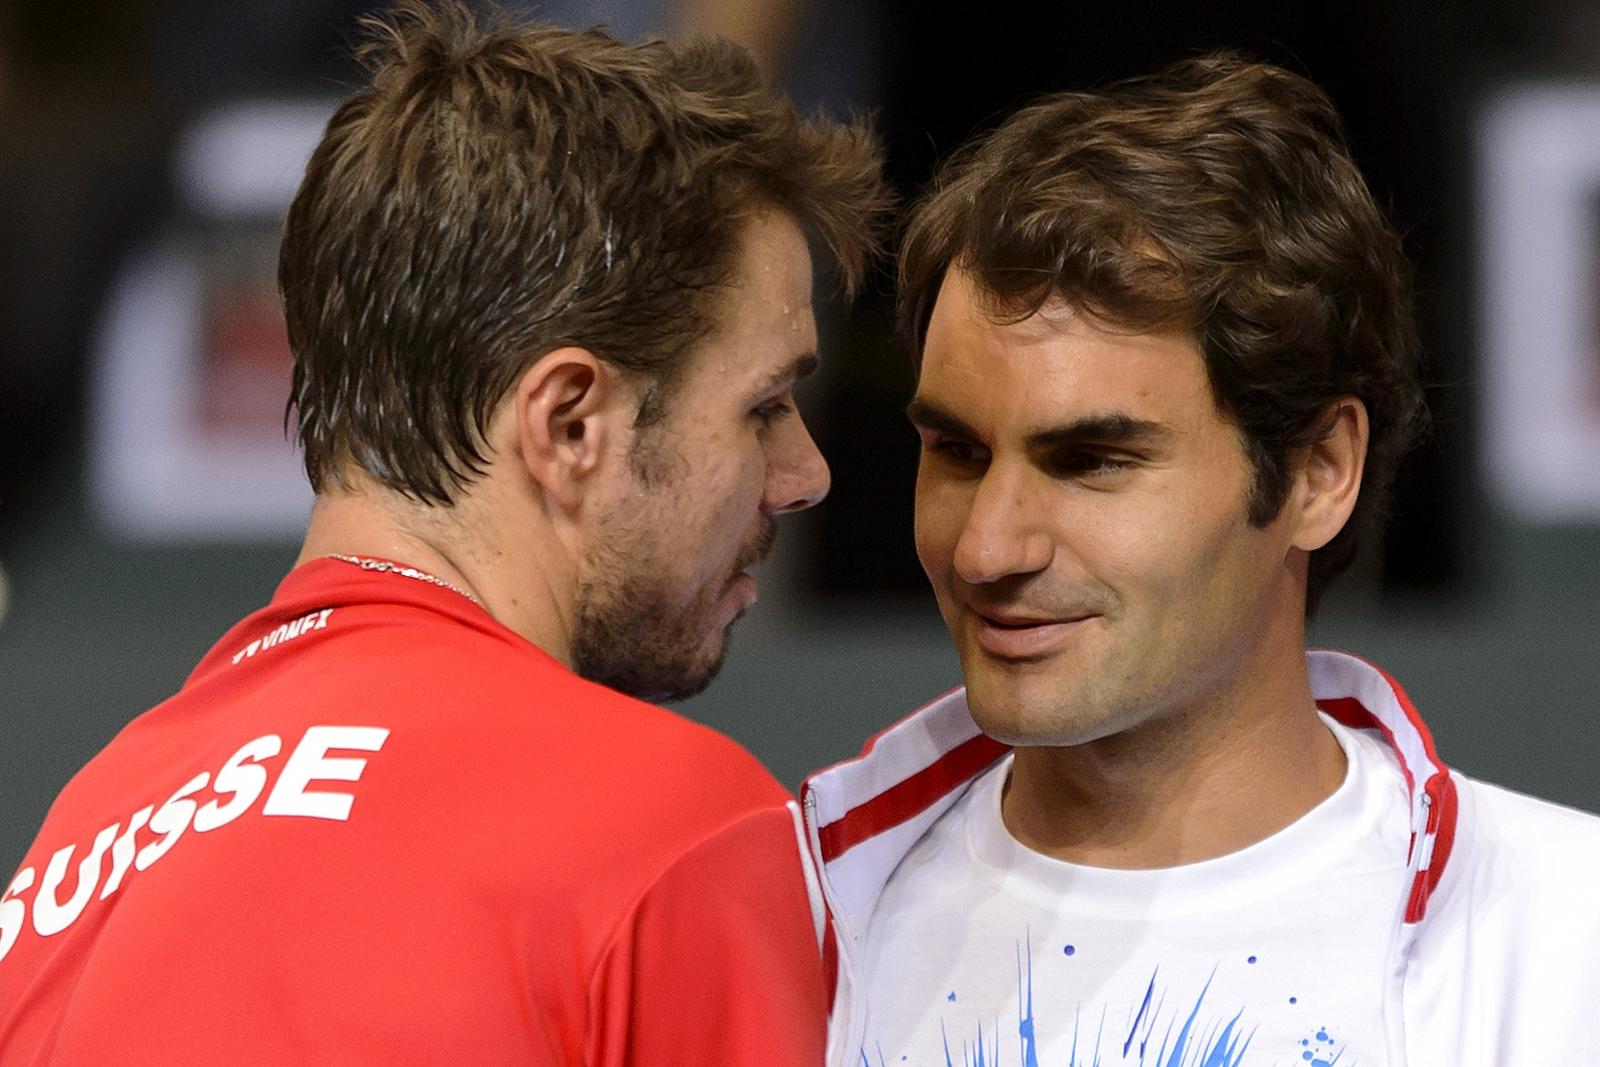 Roger Federer v Stanislas Wawrinka